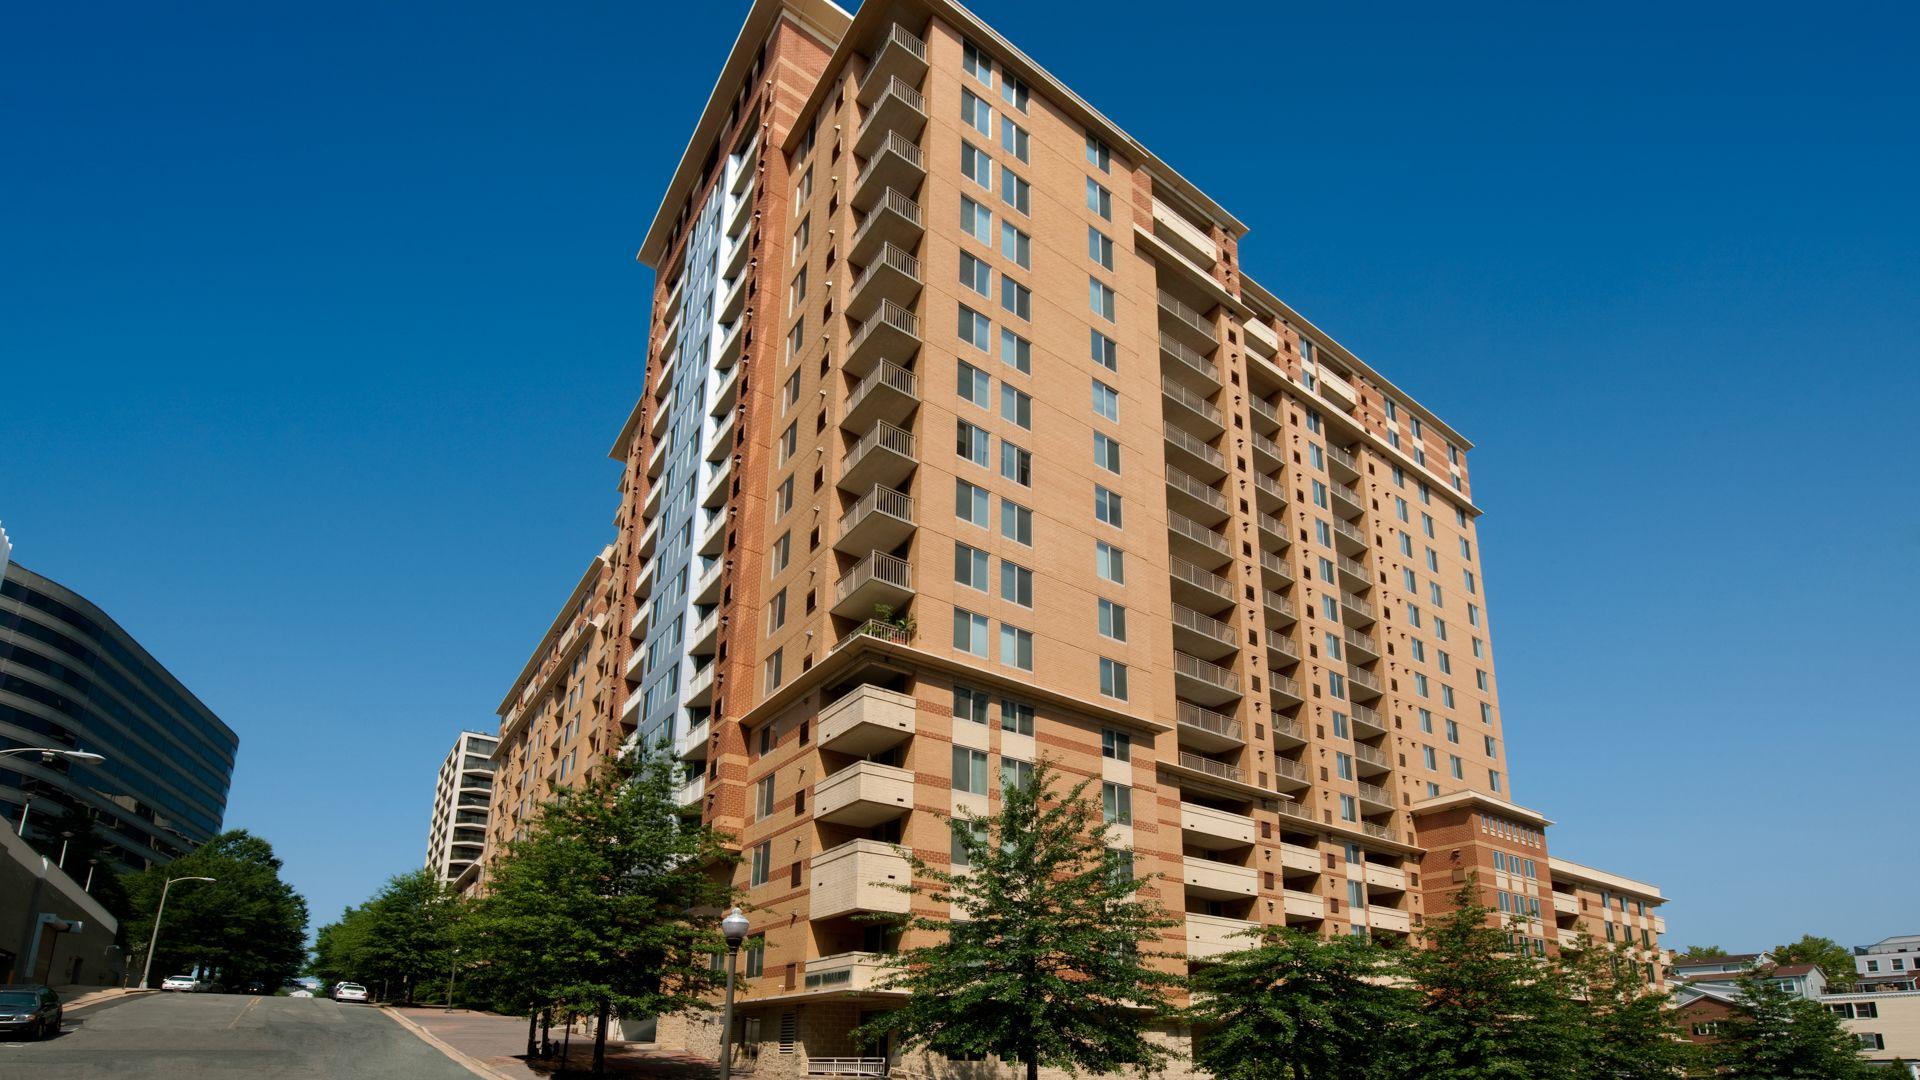 1800 Oak Apartments Building